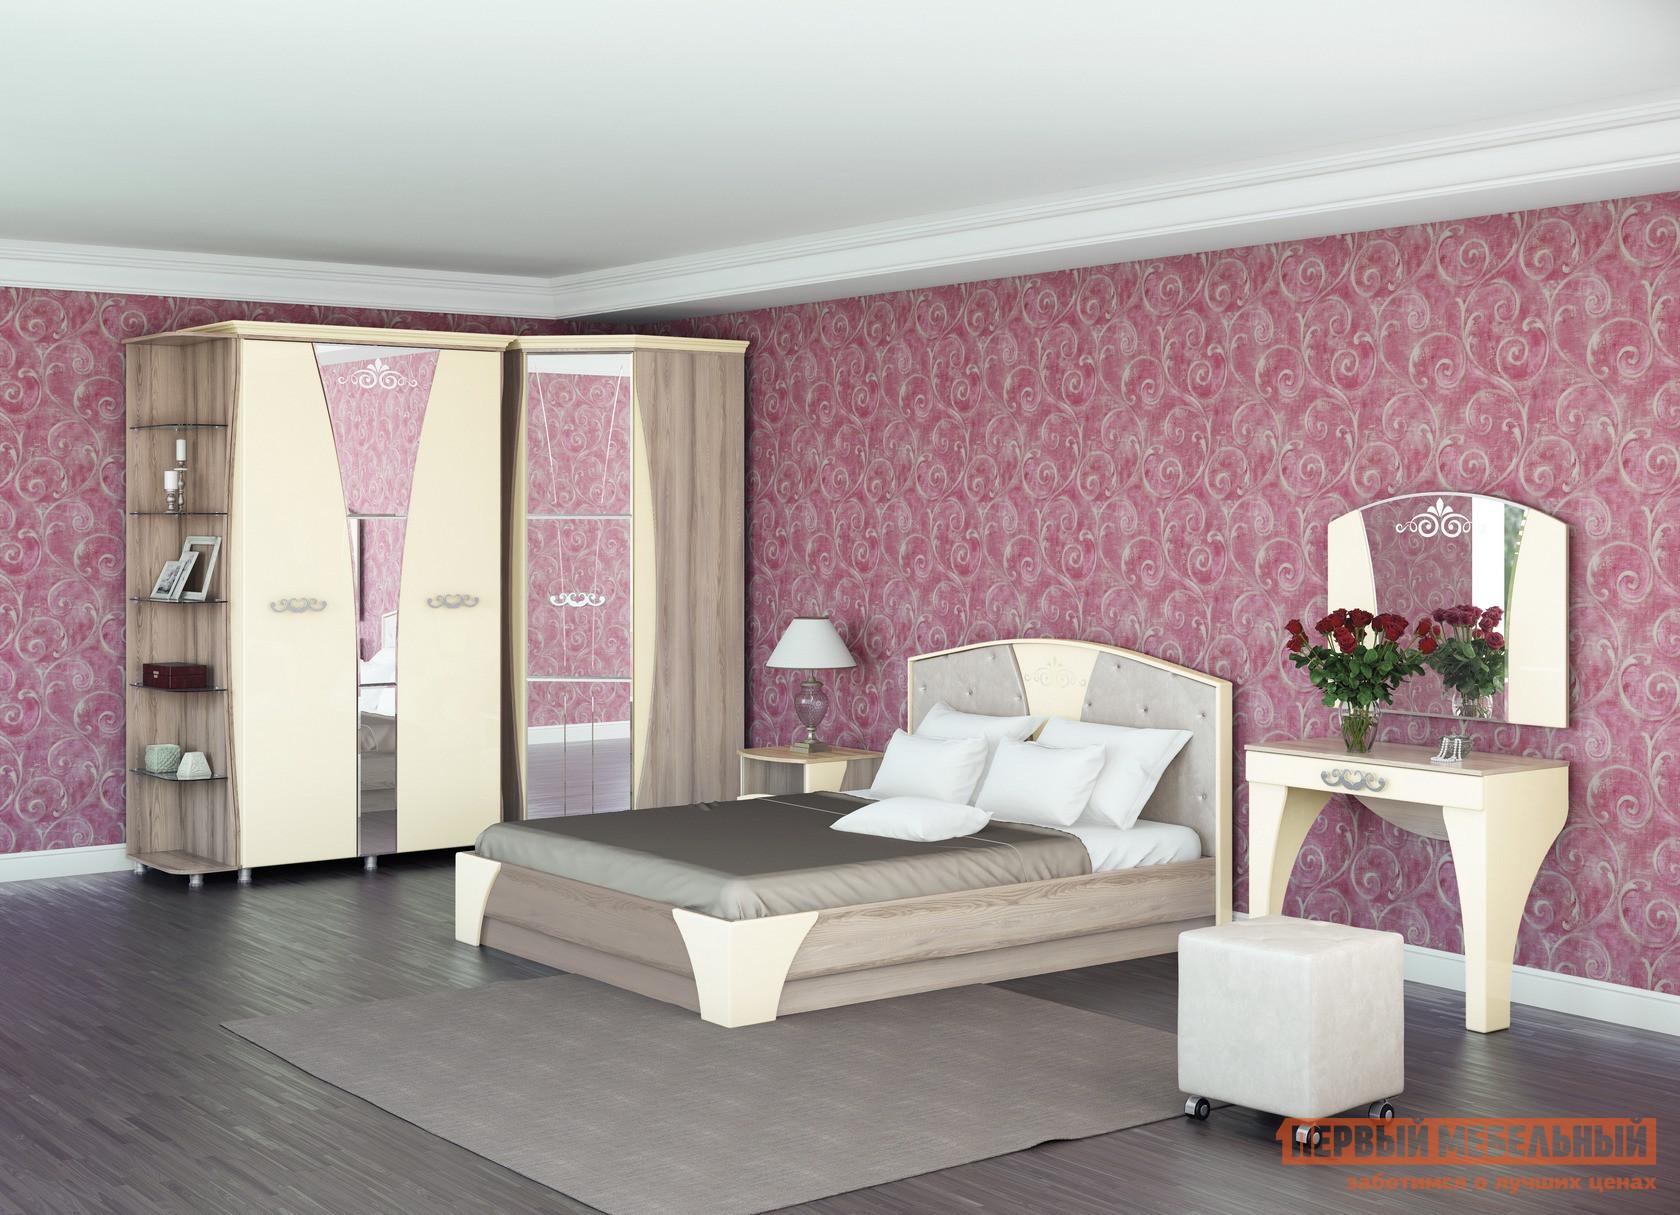 Комплект мебели для спальни МСТ Натали К3 комплект офисной мебели pointex свифт к3 темный